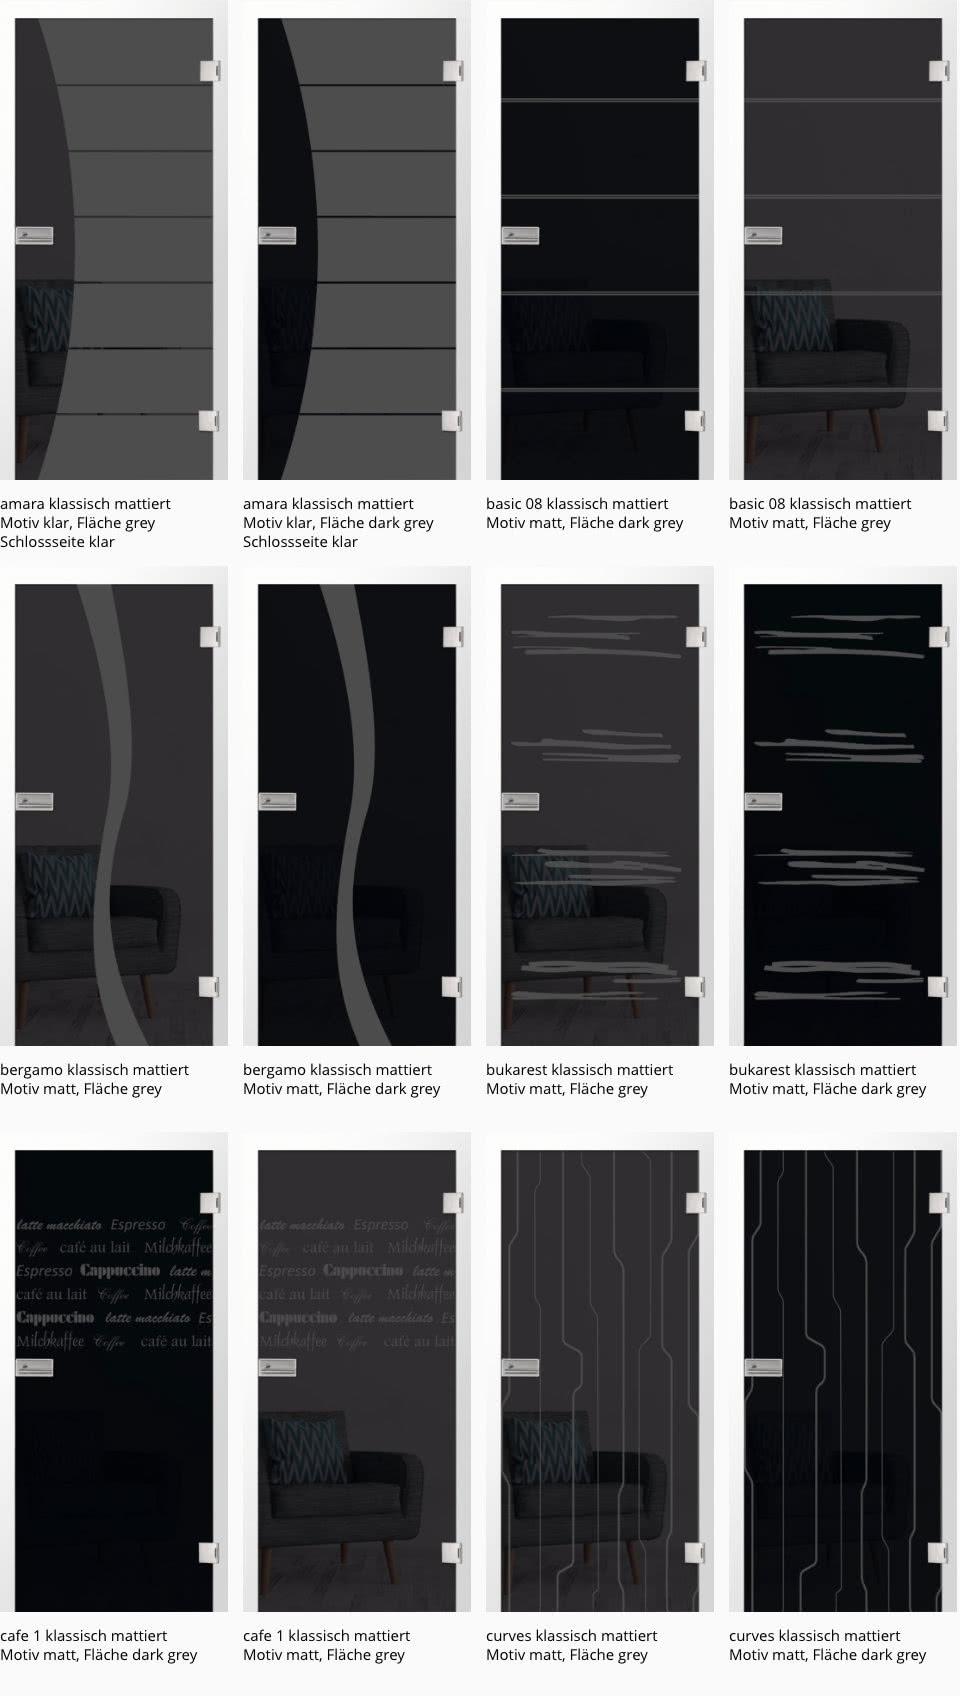 klassisch mattiert matt auf grey + dark grey